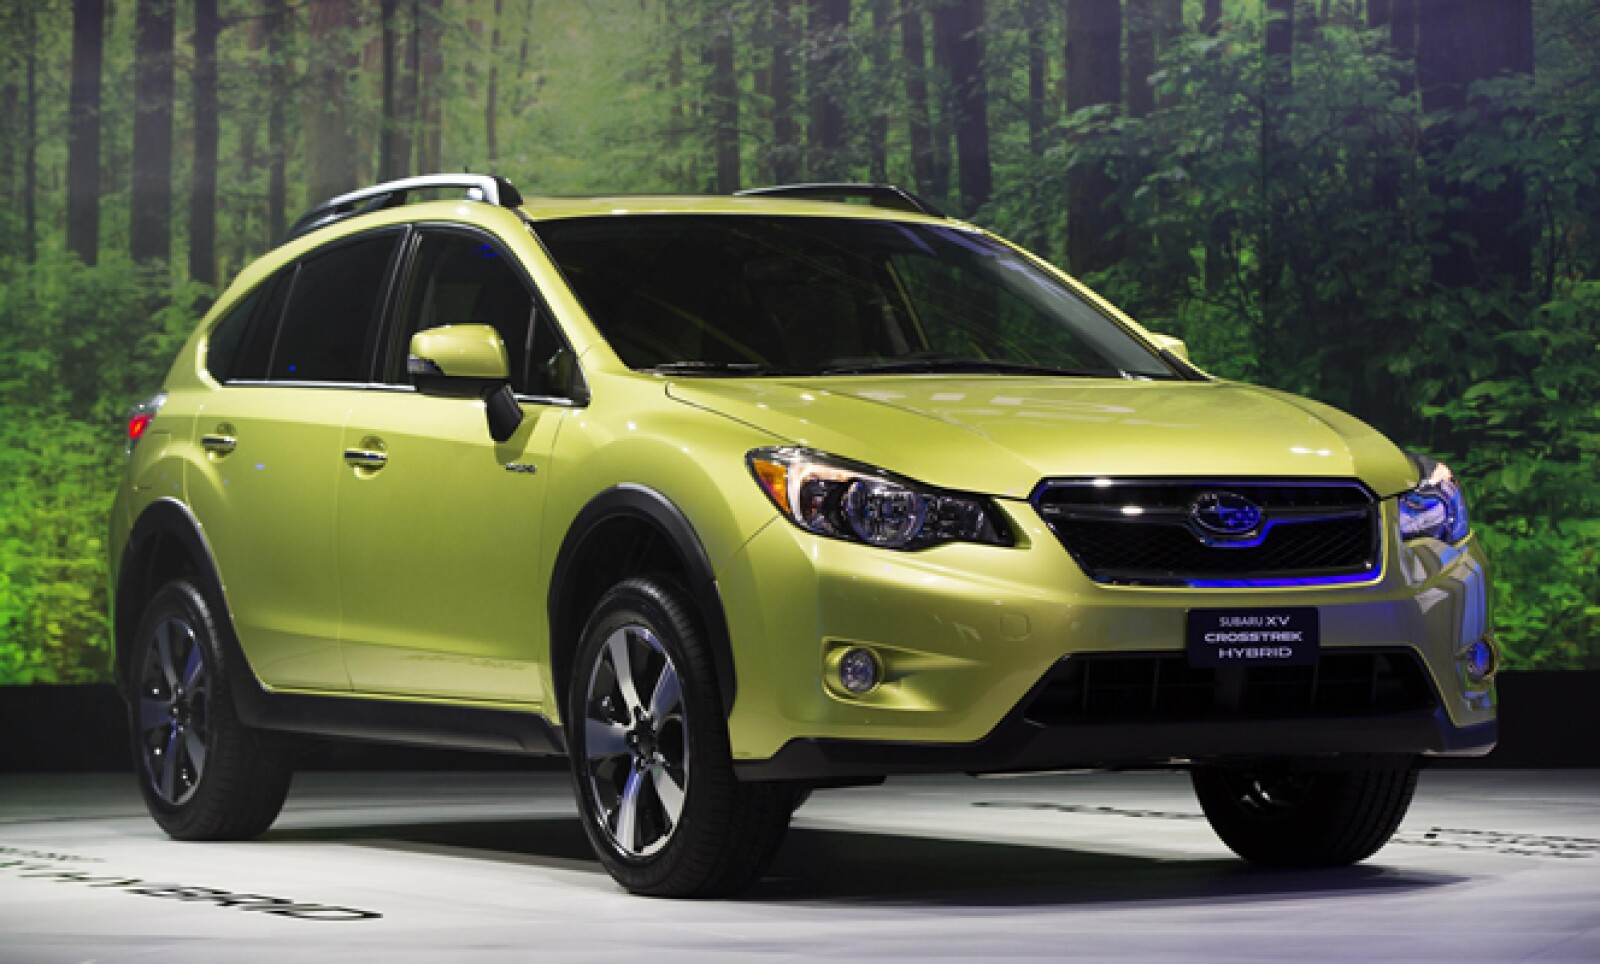 La Subaru XV Crosstrek Hybrid es mostrada en el salón, luego de ser presentada dentro del mismo evento.